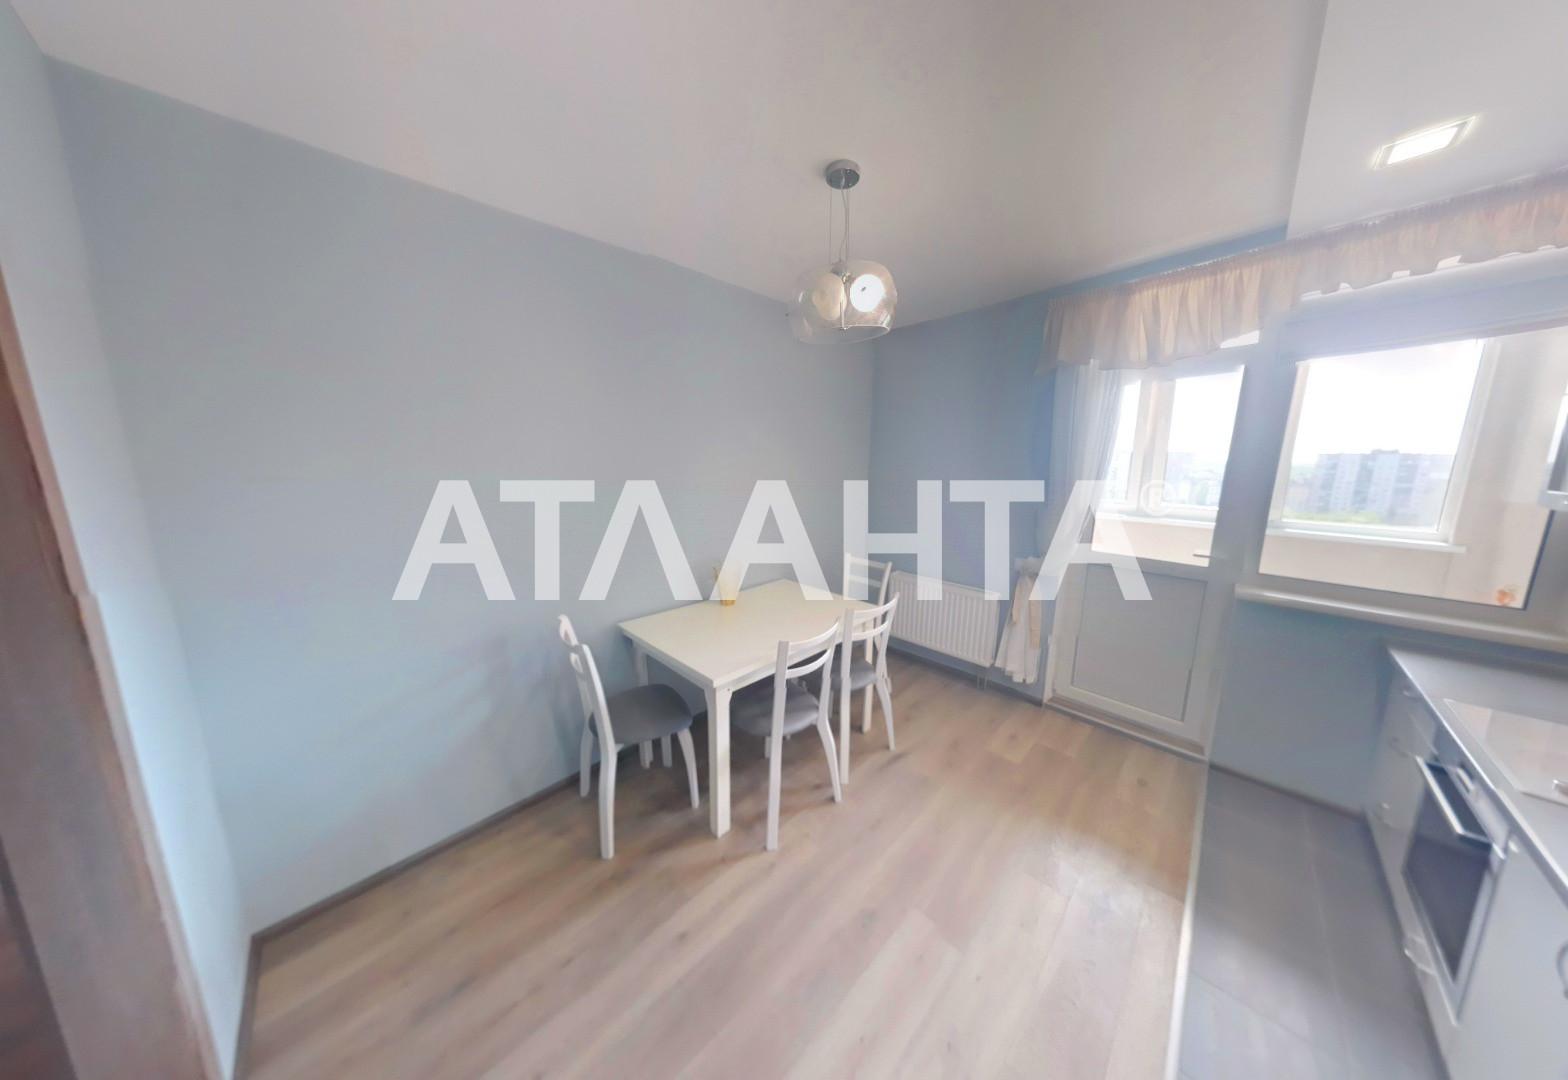 Продается 2-комнатная Квартира на ул. Ул. Вильямса — 130 000 у.е. (фото №17)